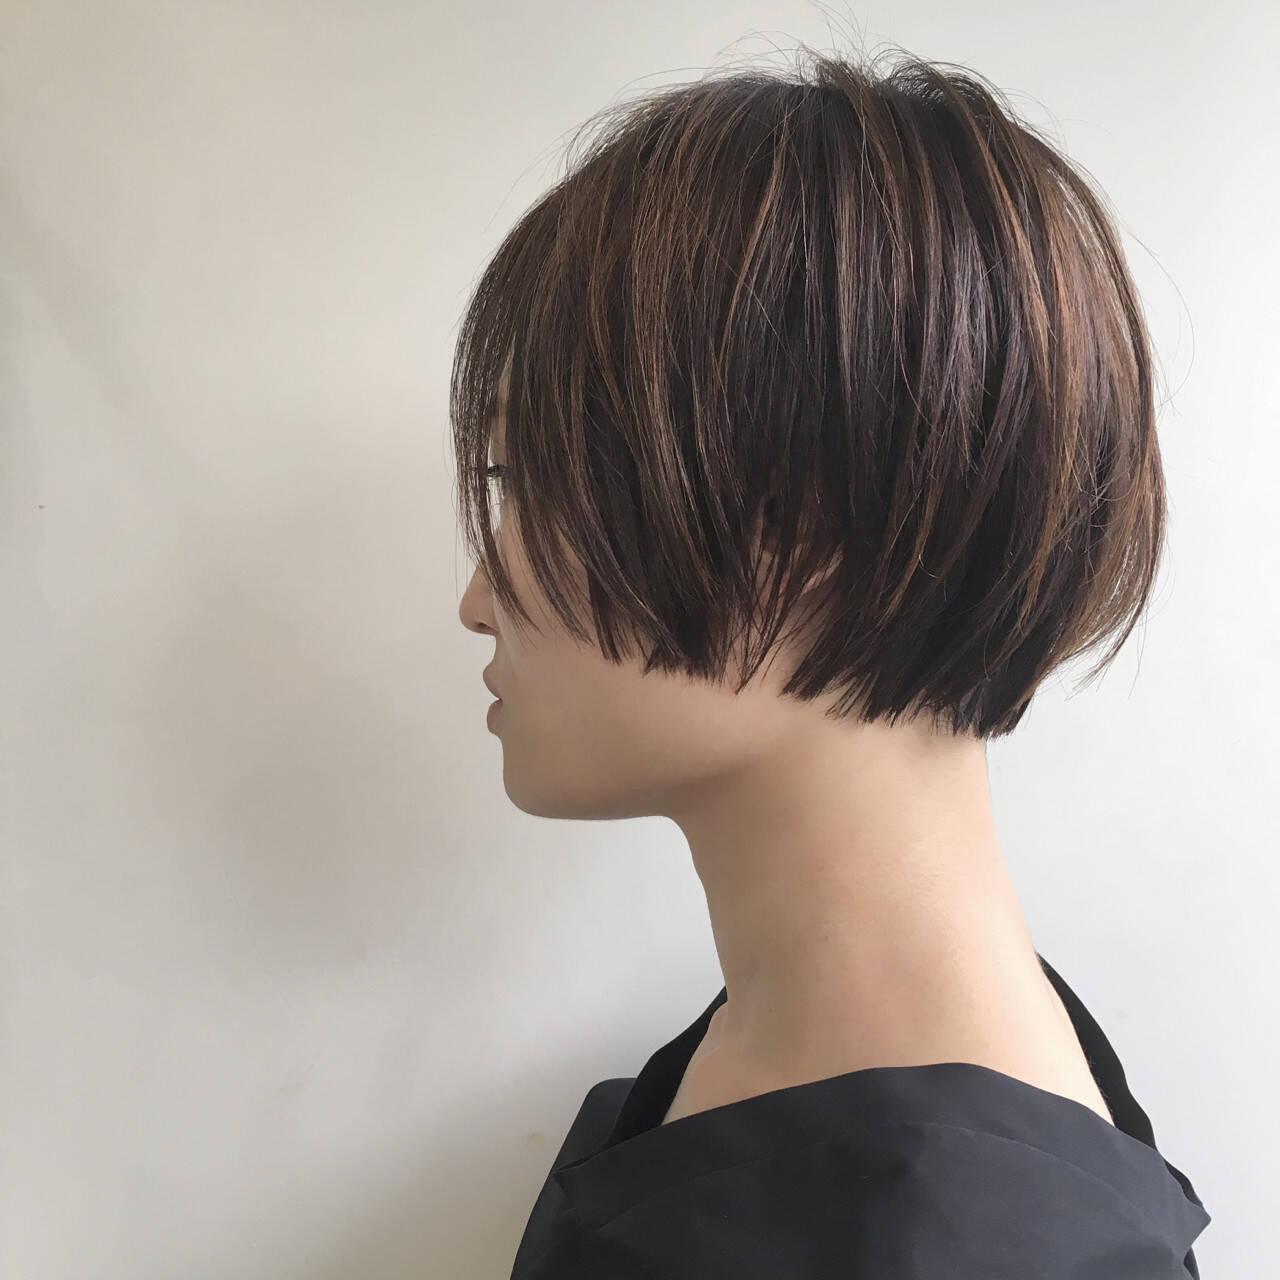 マッシュ リラックス グレージュ ナチュラルヘアスタイルや髪型の写真・画像